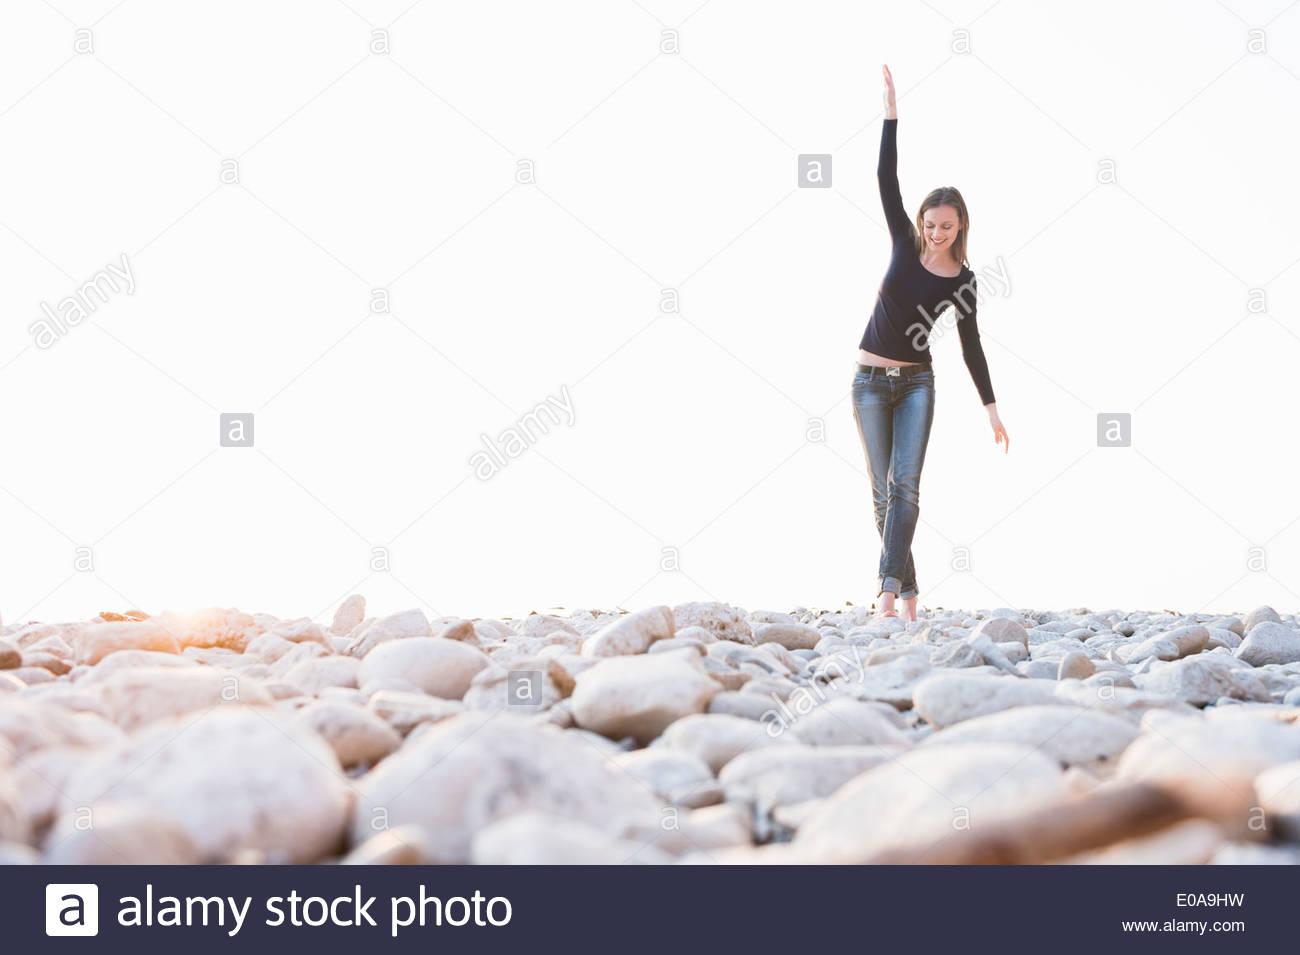 Jeune femme marchant pieds nus sur des pierres à l'autre Photo Stock